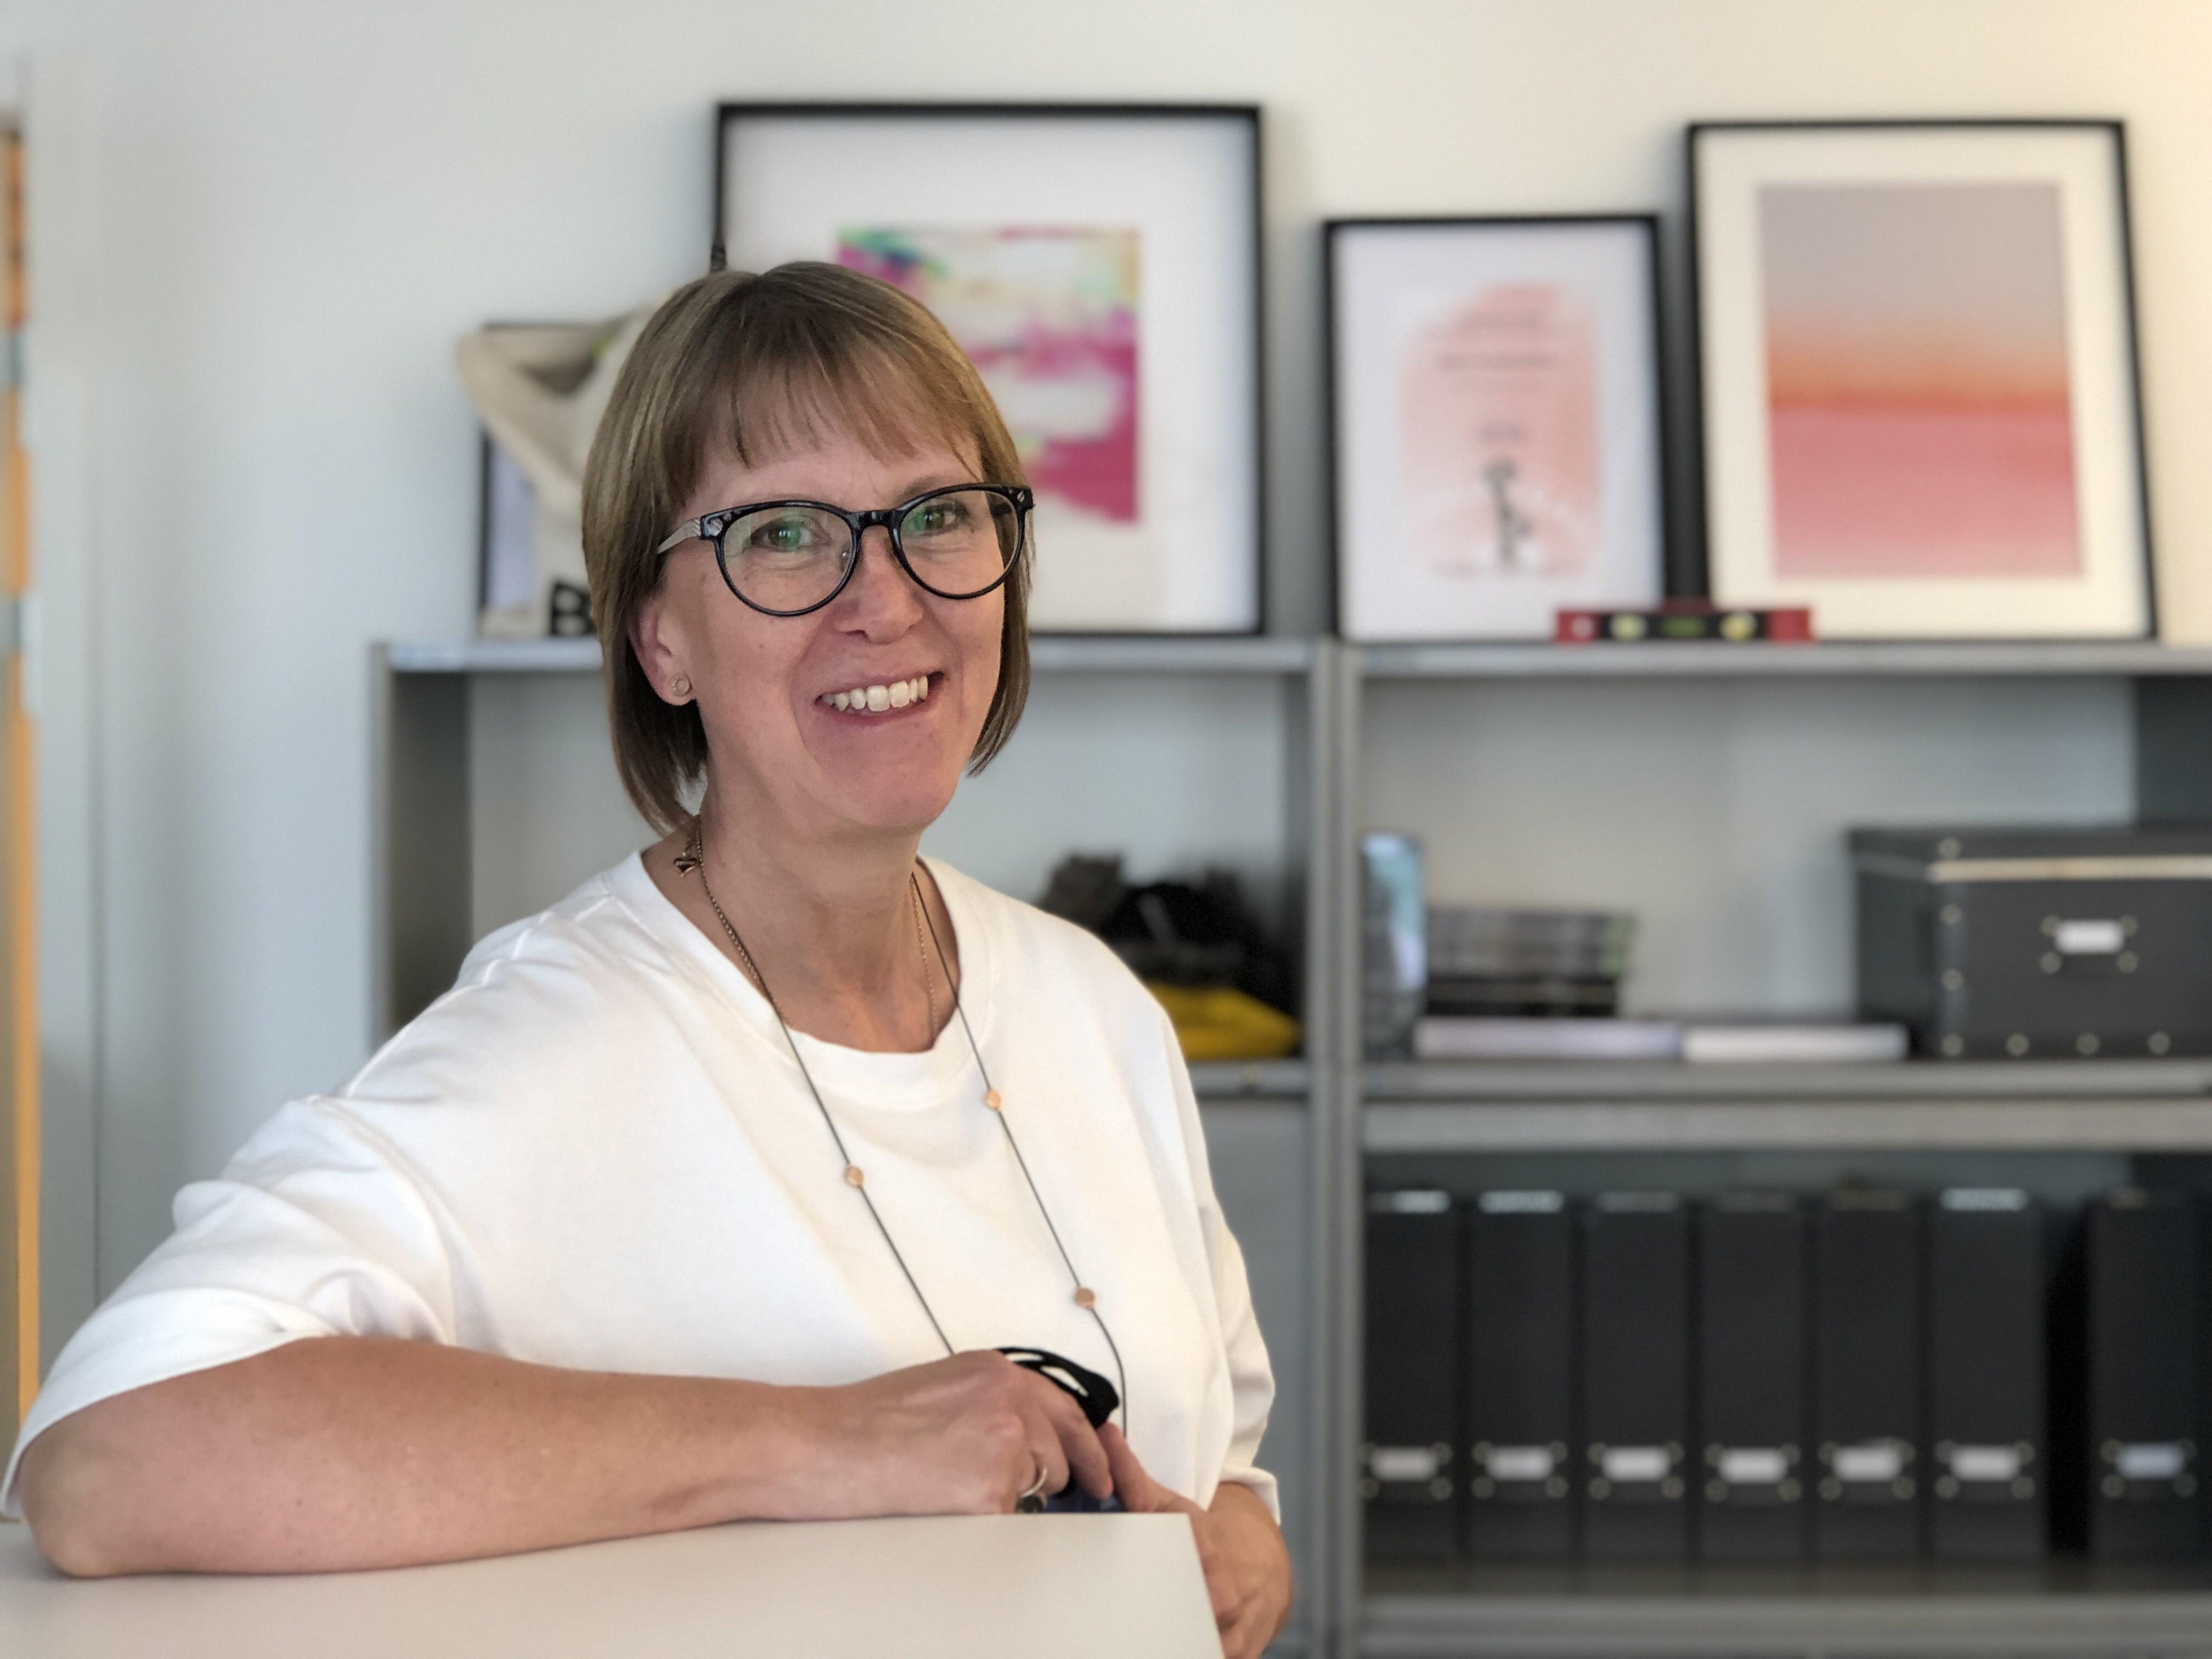 Bild på Ingela Arngren - Krönika från Bodens kommun i Gratistidningen, vecka 26 2019.